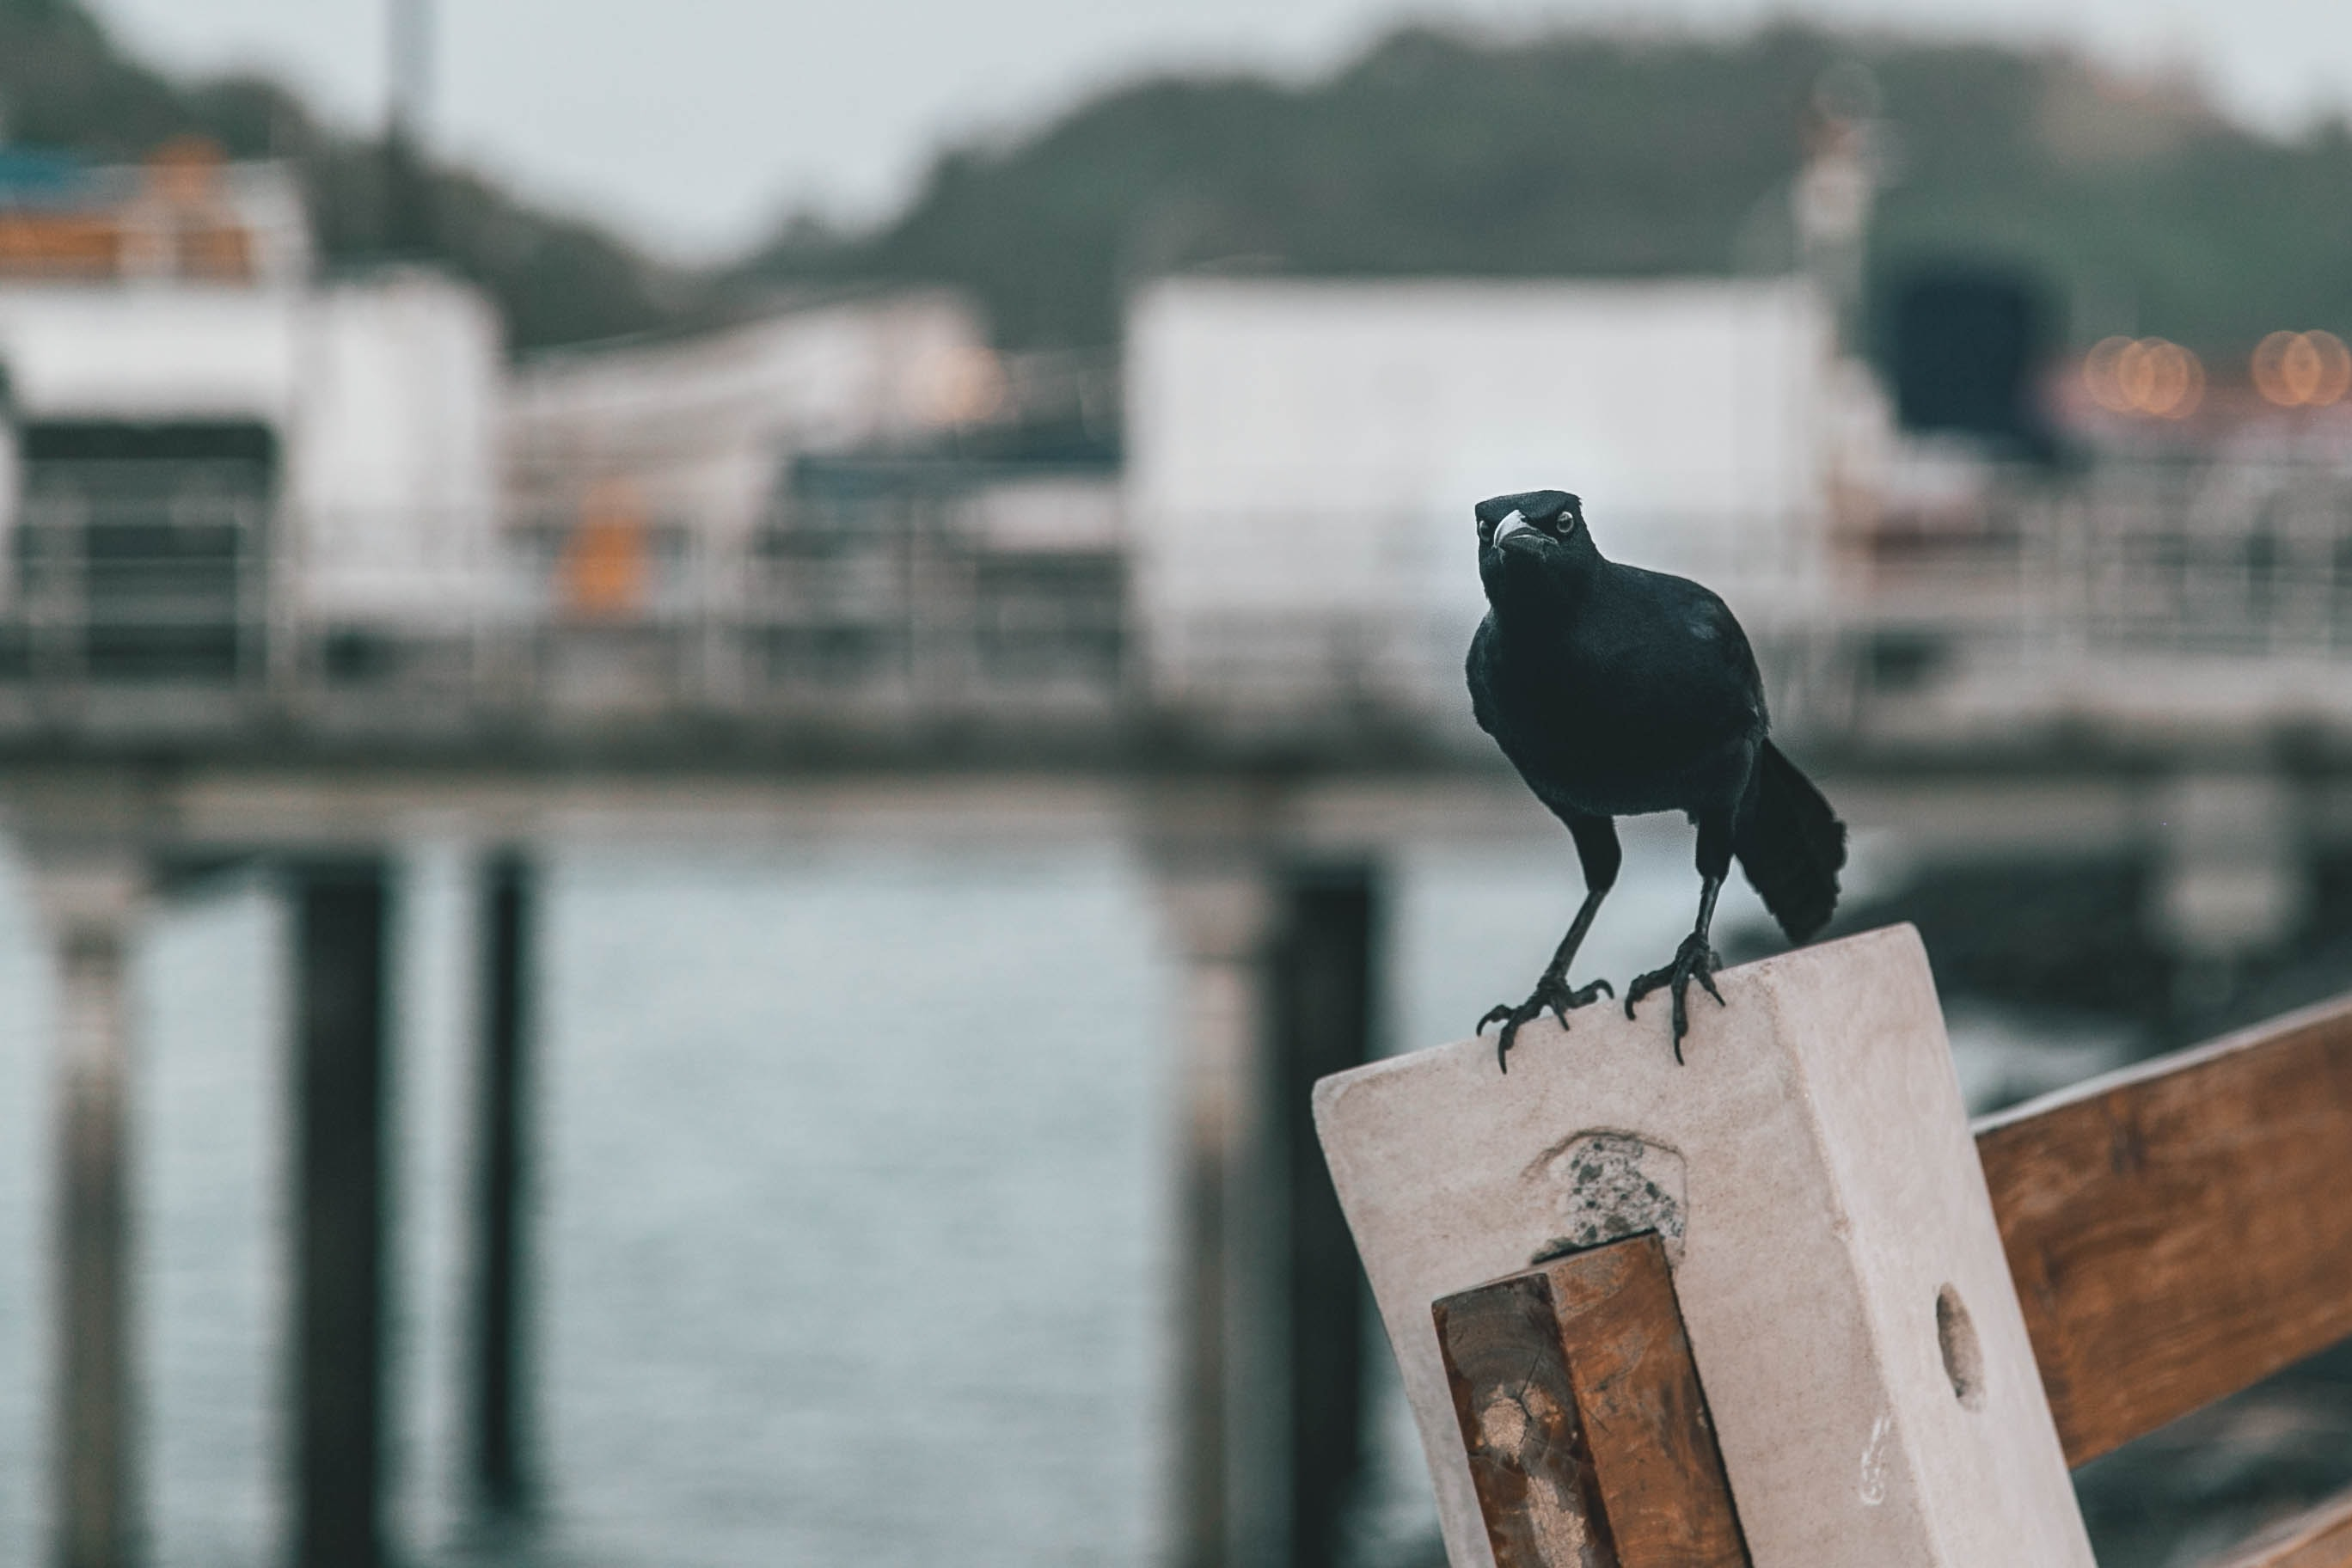 black bird on gray wooden post